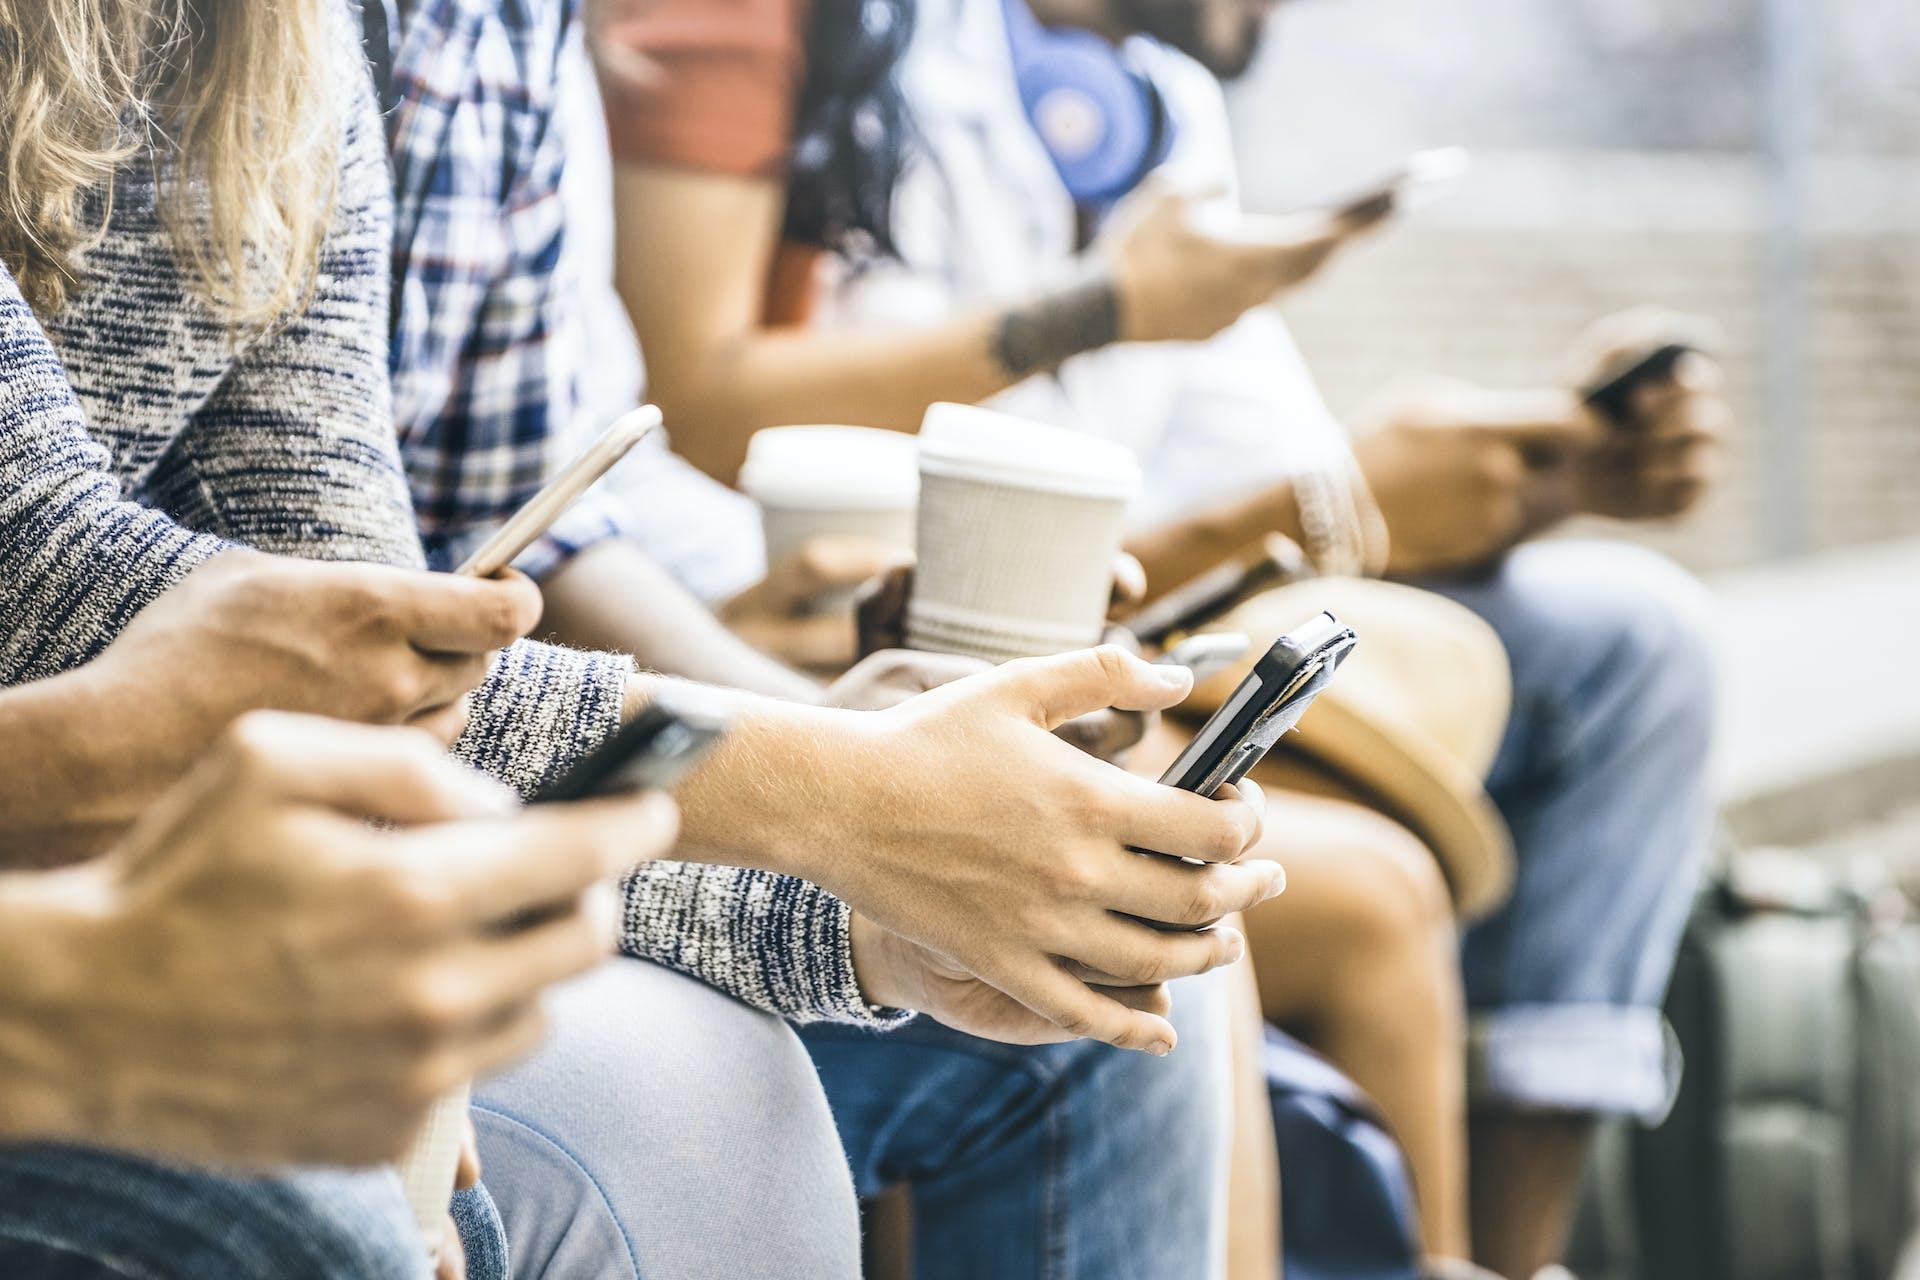 Vous pouvez voir les mains de plusieurs personnes tenant leur téléphones.